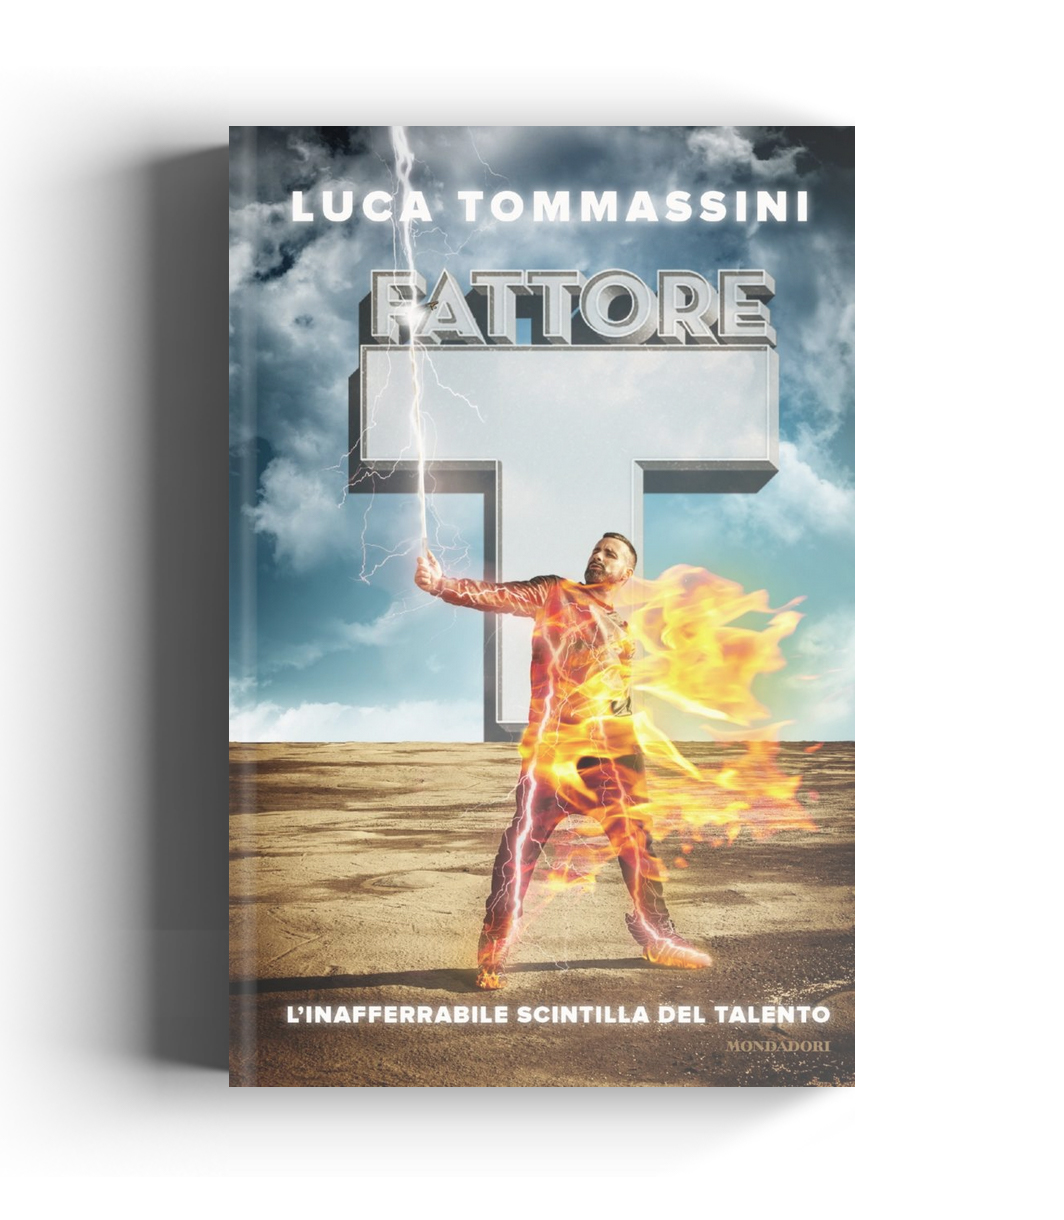 libro Fattore T Luca Tommassini